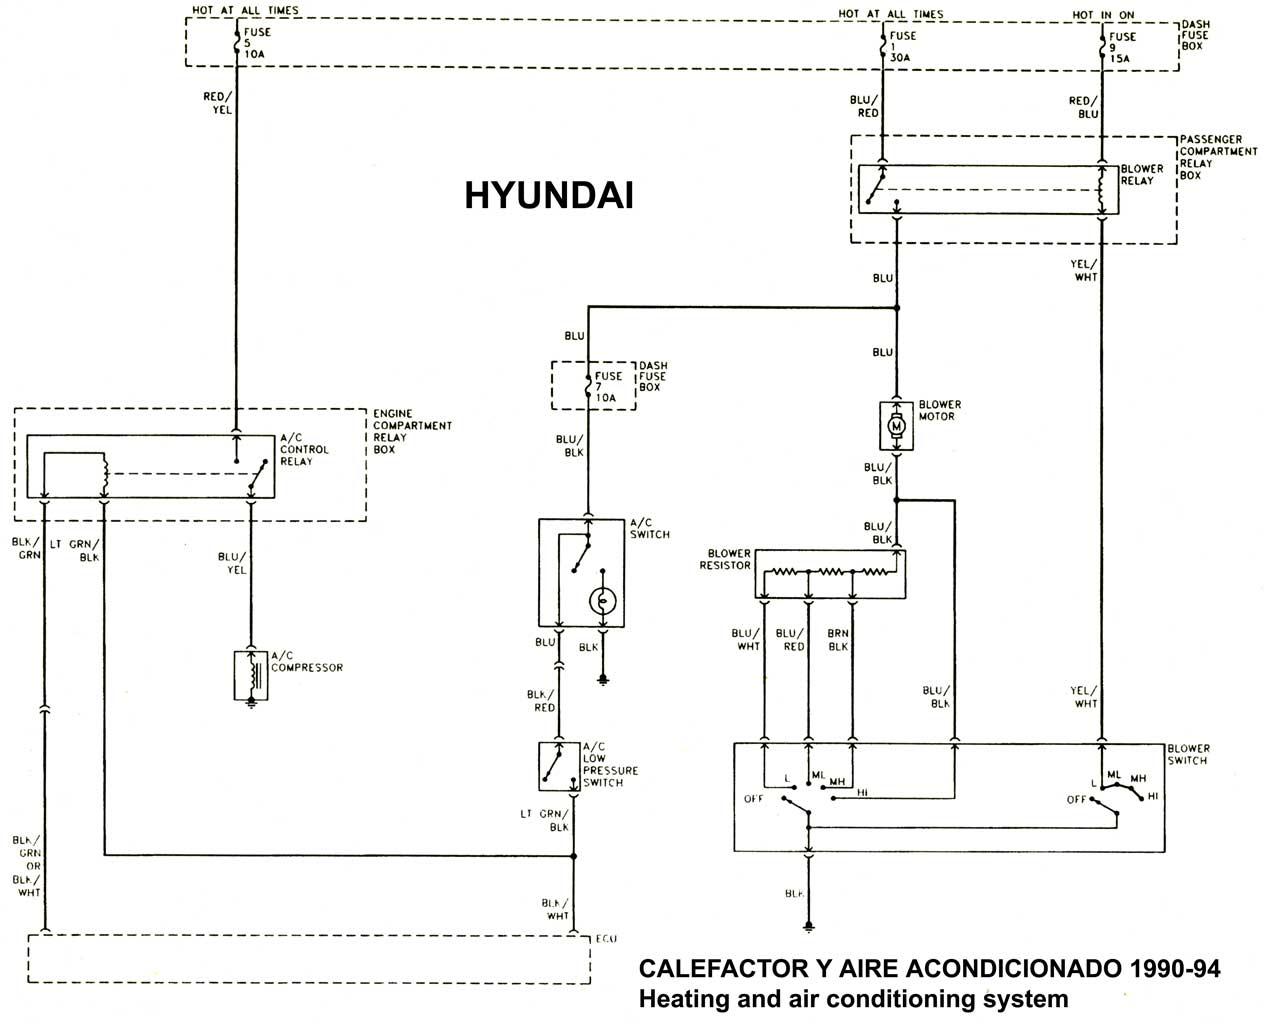 Hyundai 1986 97 diagramas esquemas ubicacion de components mecanica automotriz - Mejor sistema de calefaccion electrica ...